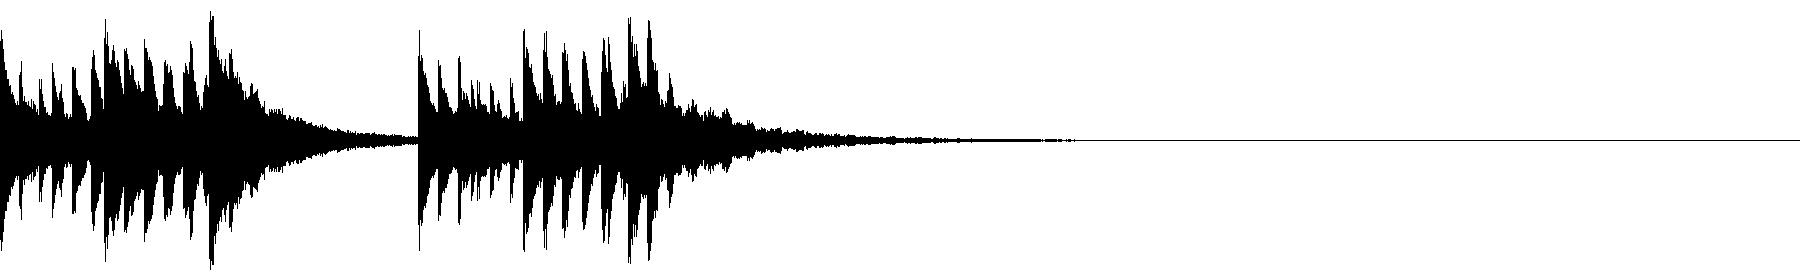 piano dance melody 125bpm